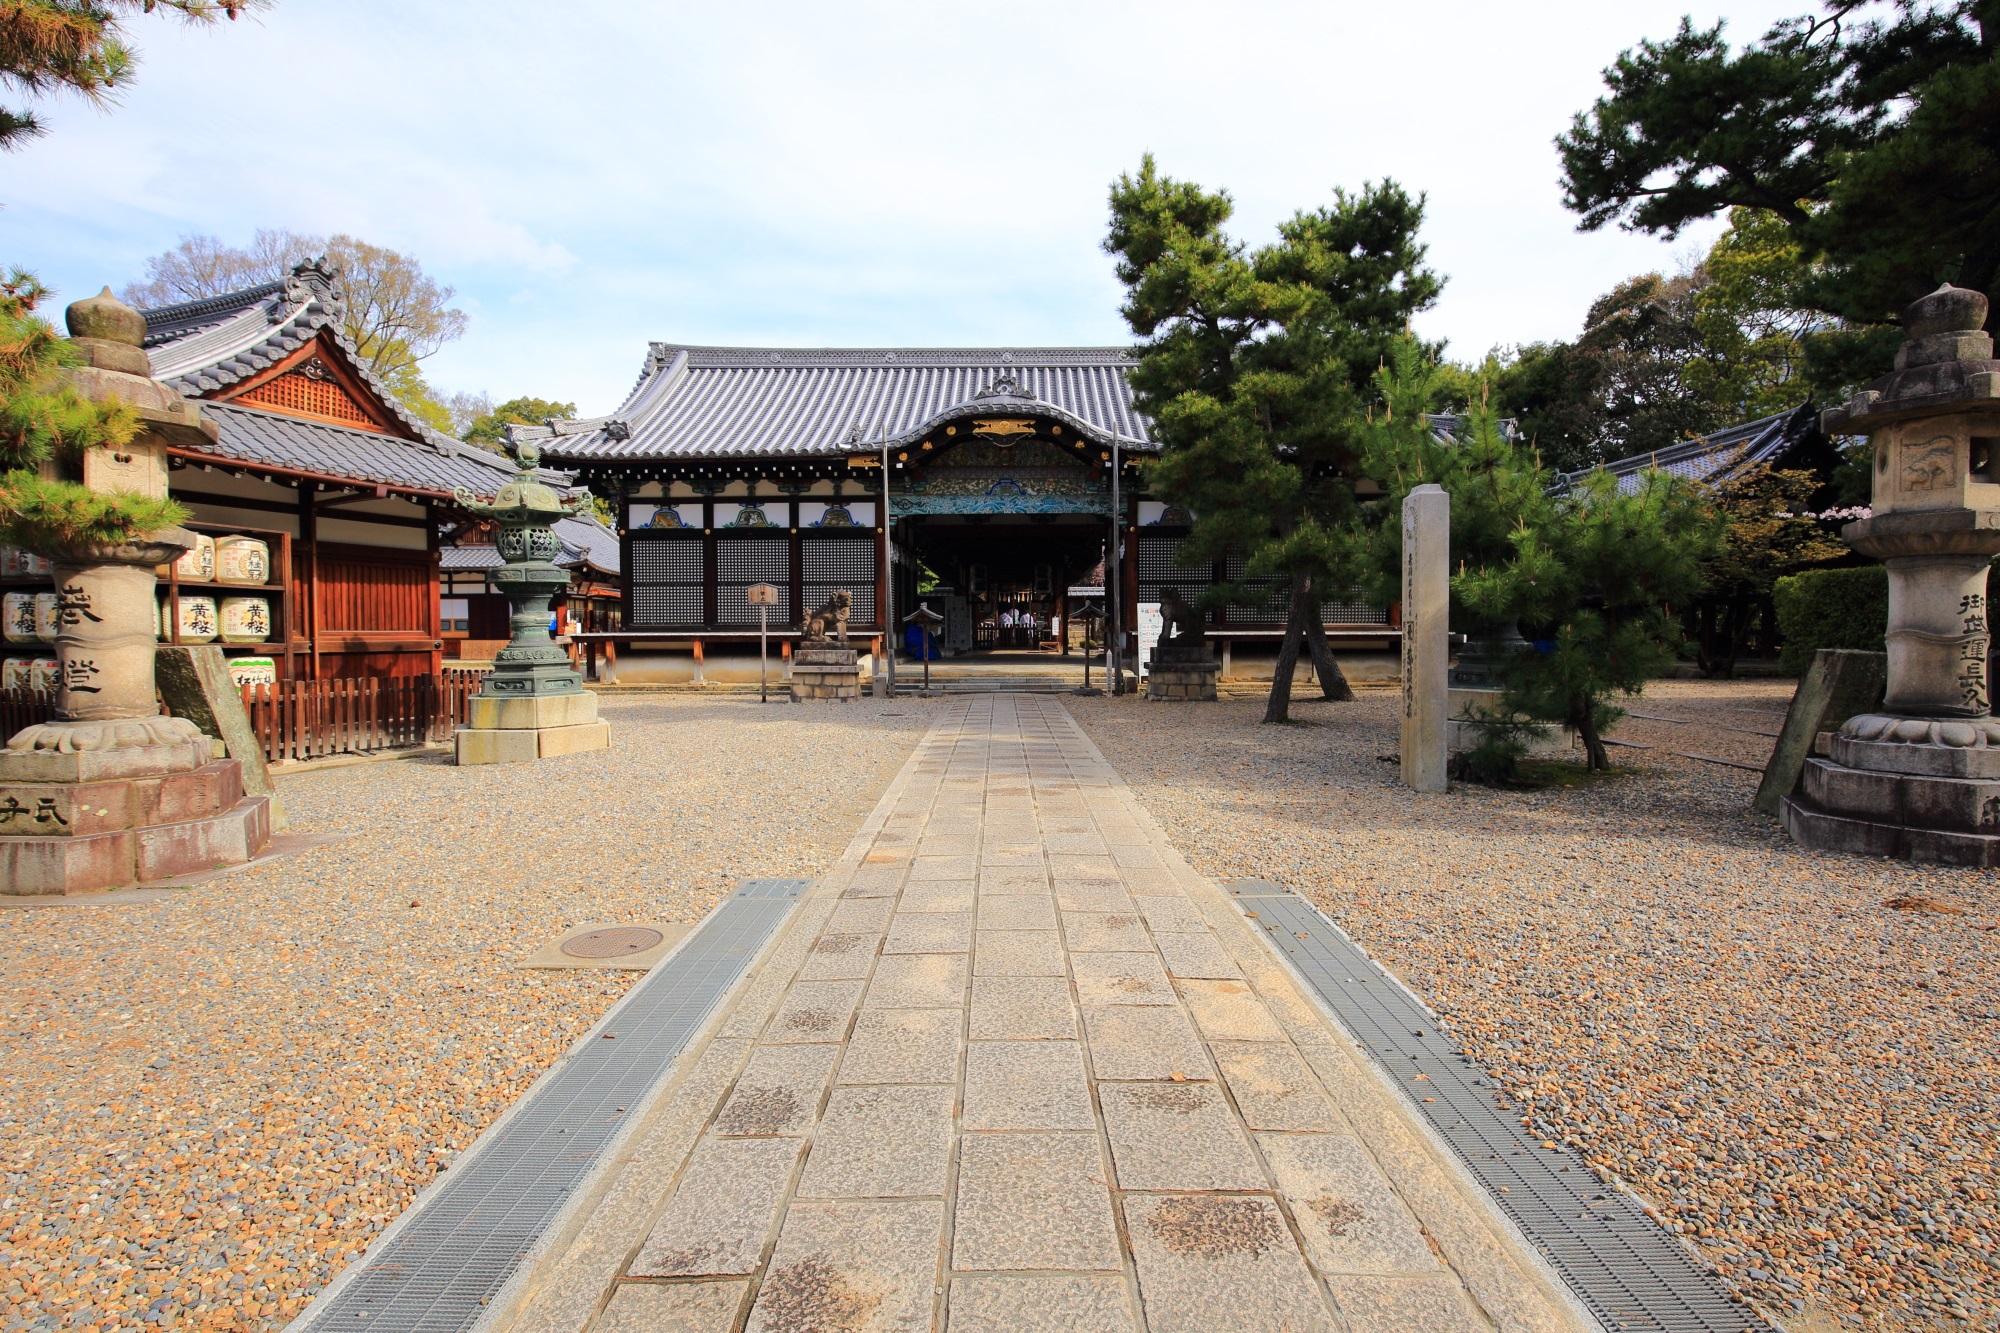 安産祈願の御香宮神社の拝殿と本殿